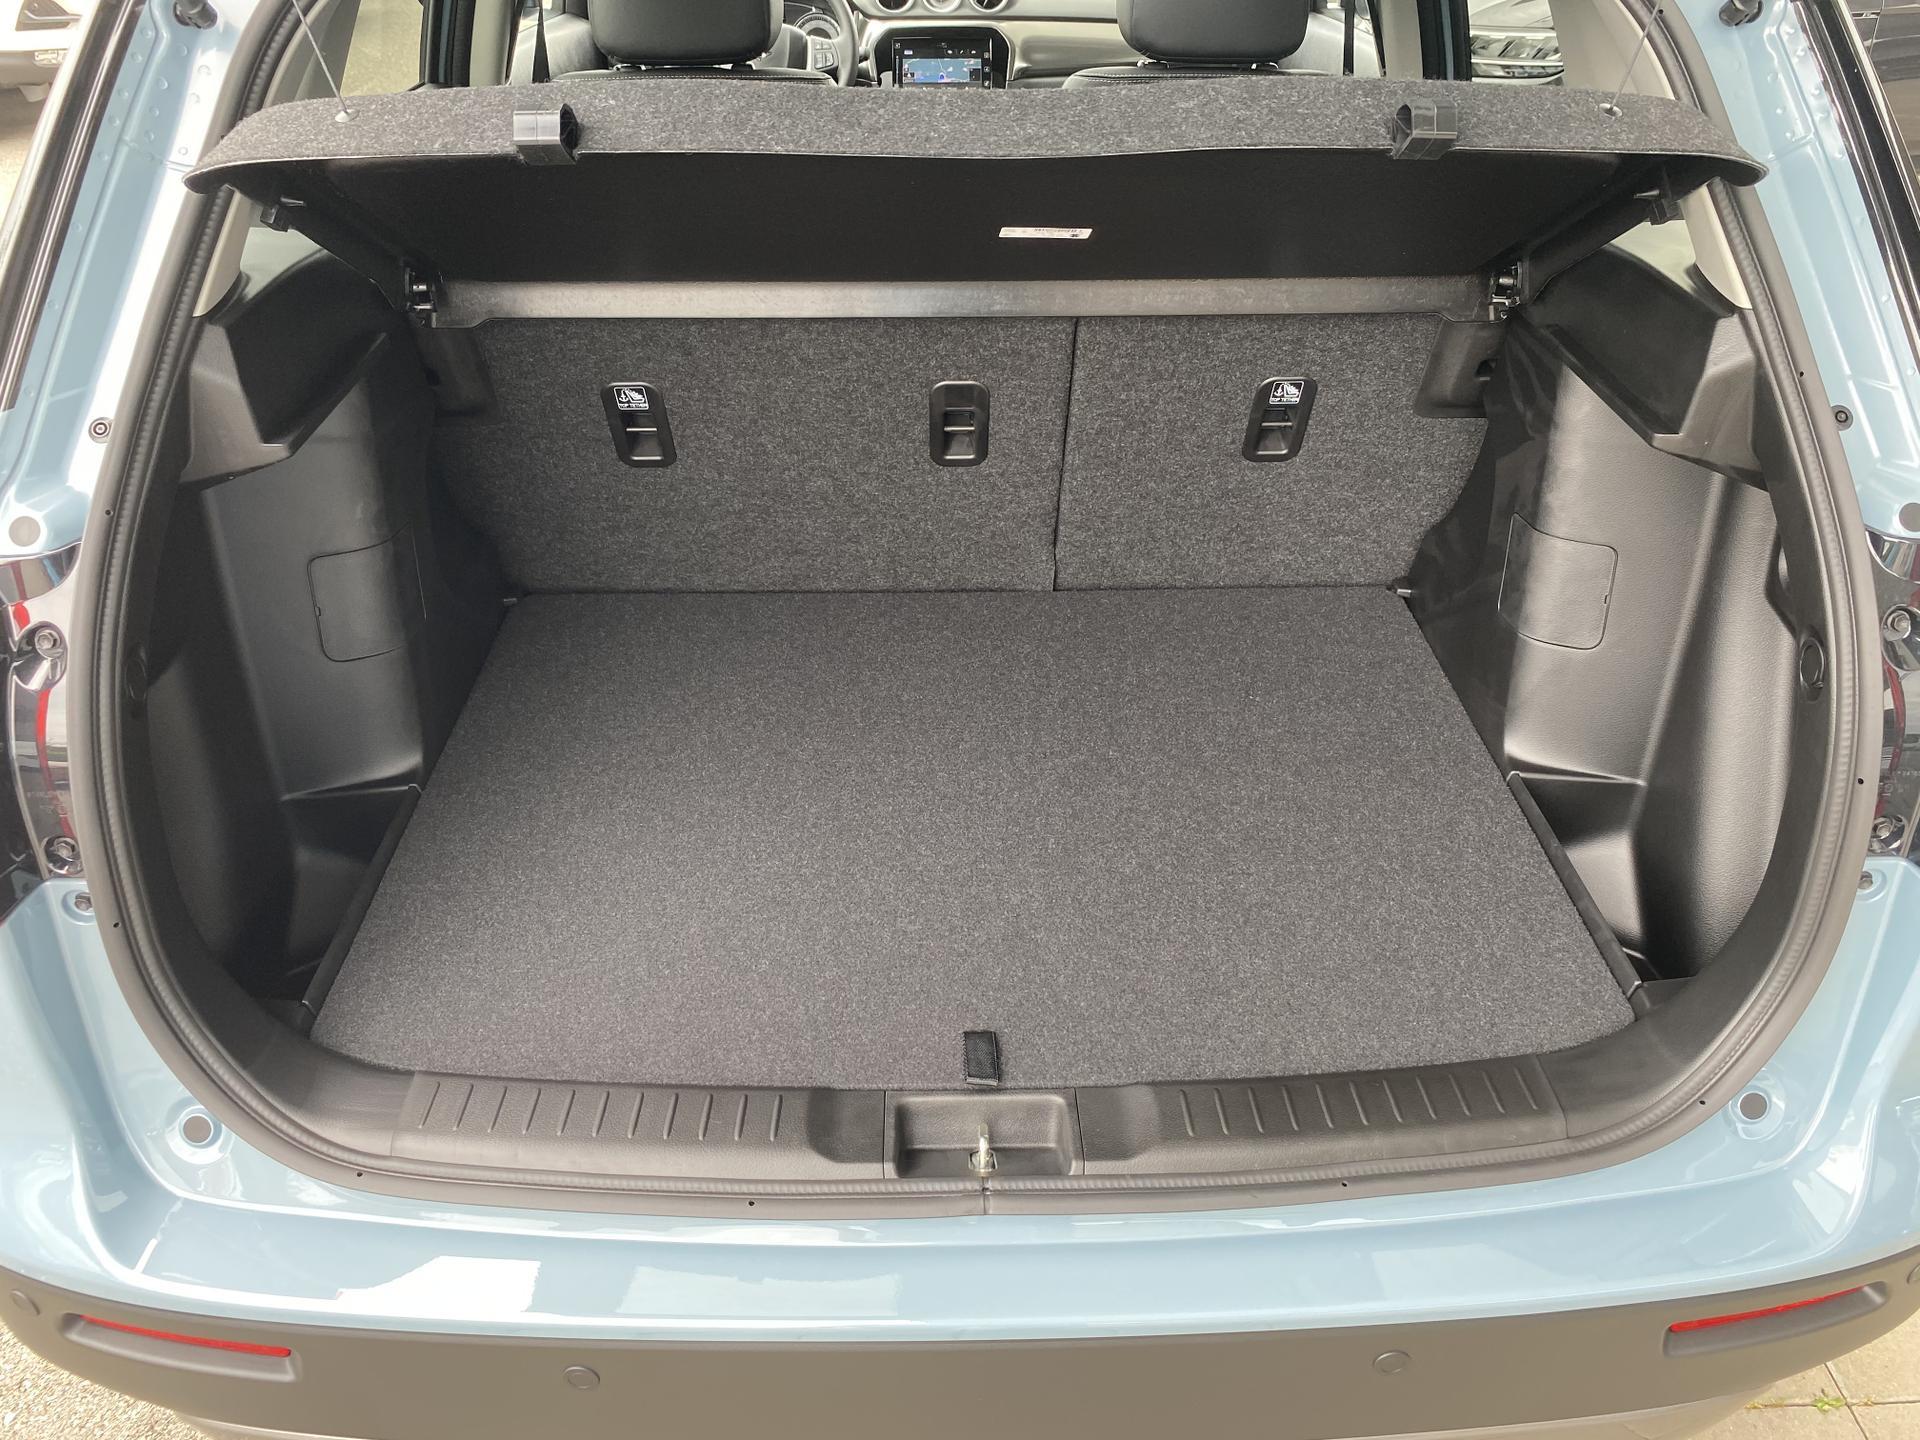 Suzuki Vitara 1,4 BOOSTERJET Mild-Hybrid Allgrip Kofferraum